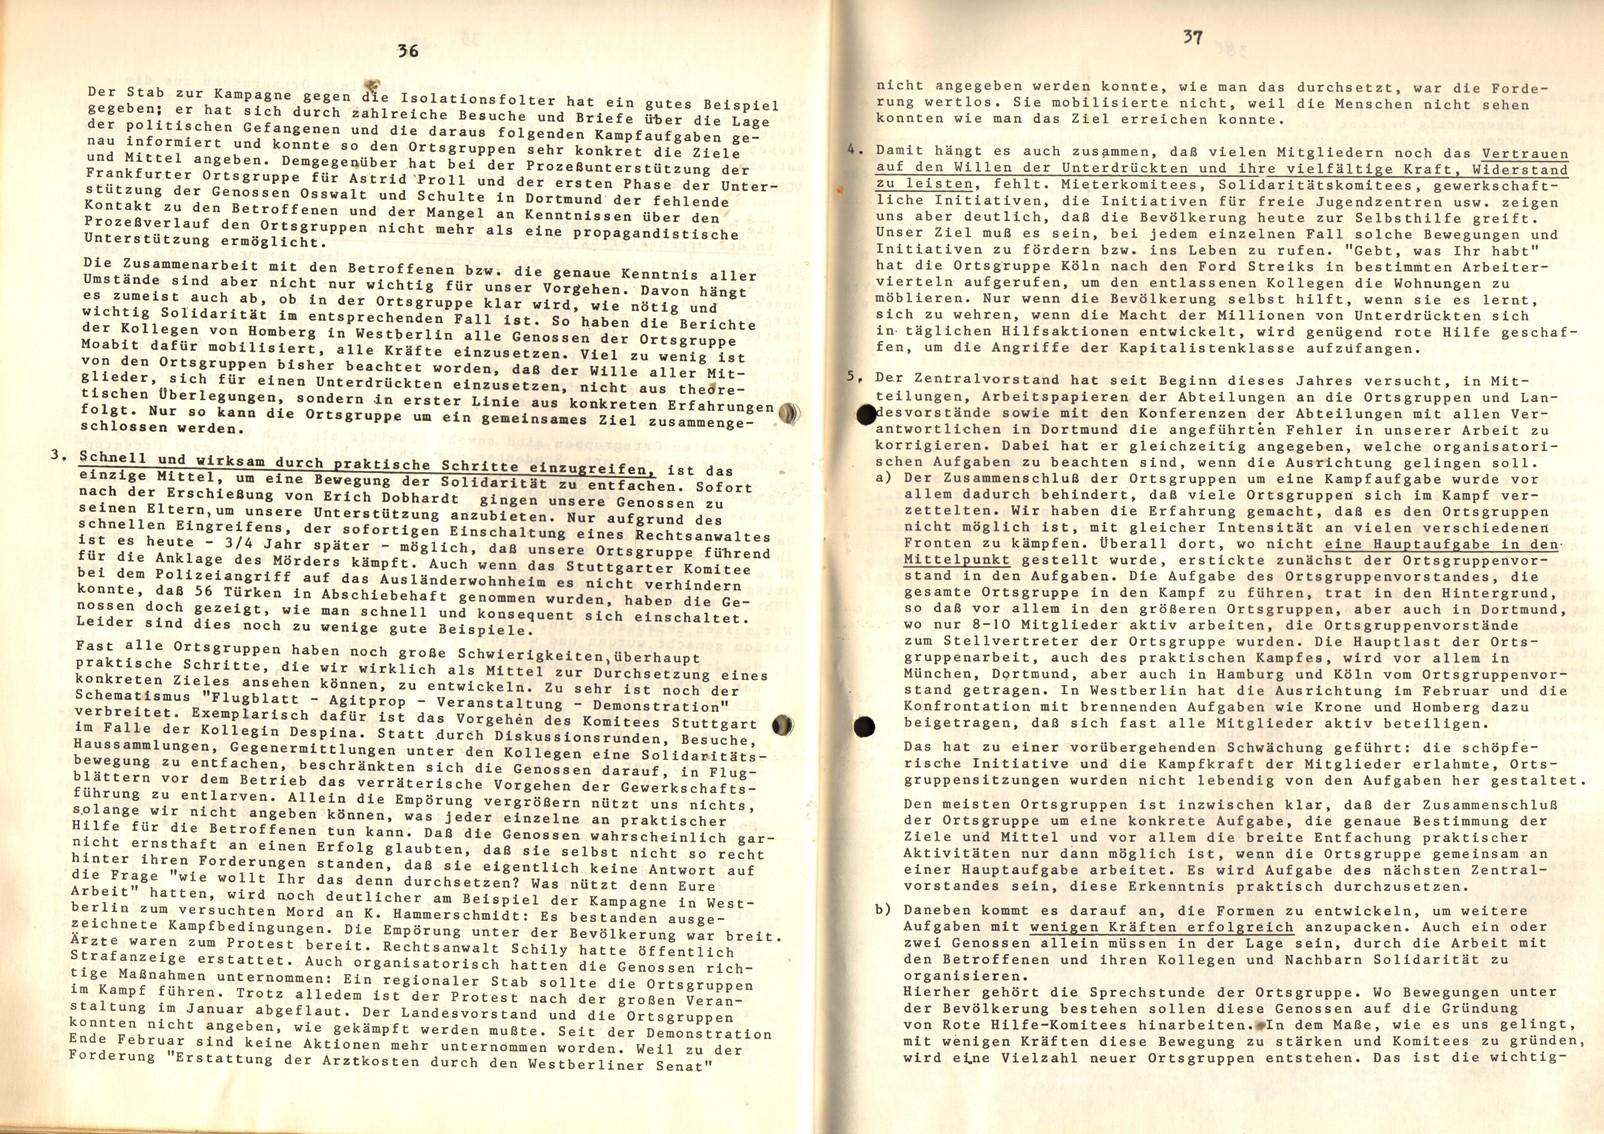 Dortmund_RHev_1974_Rechenschaftsbericht_20